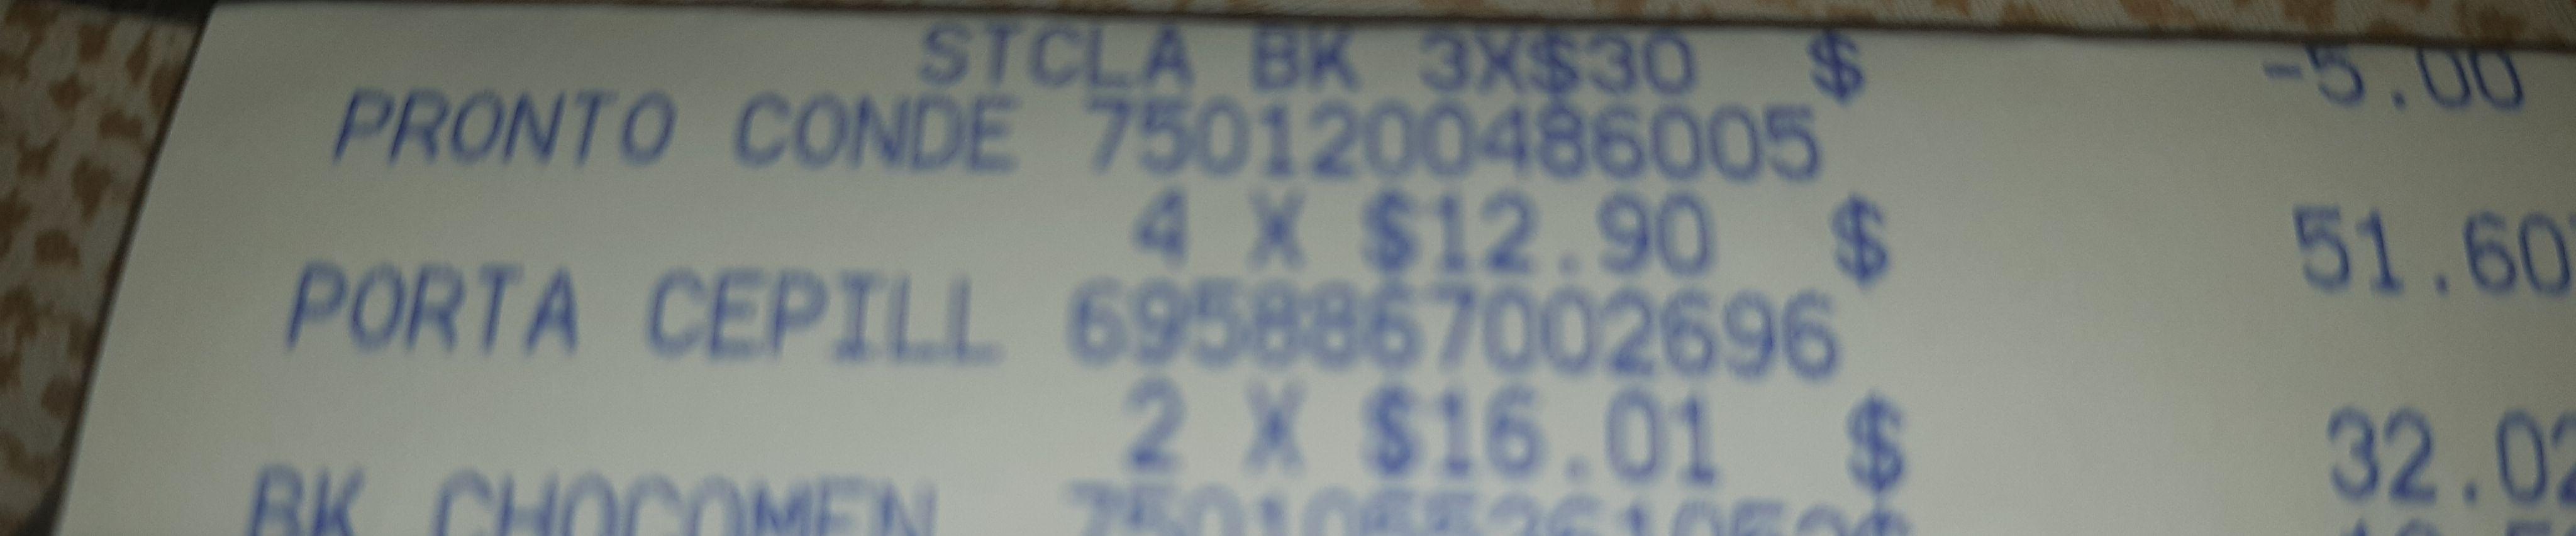 333724.jpg